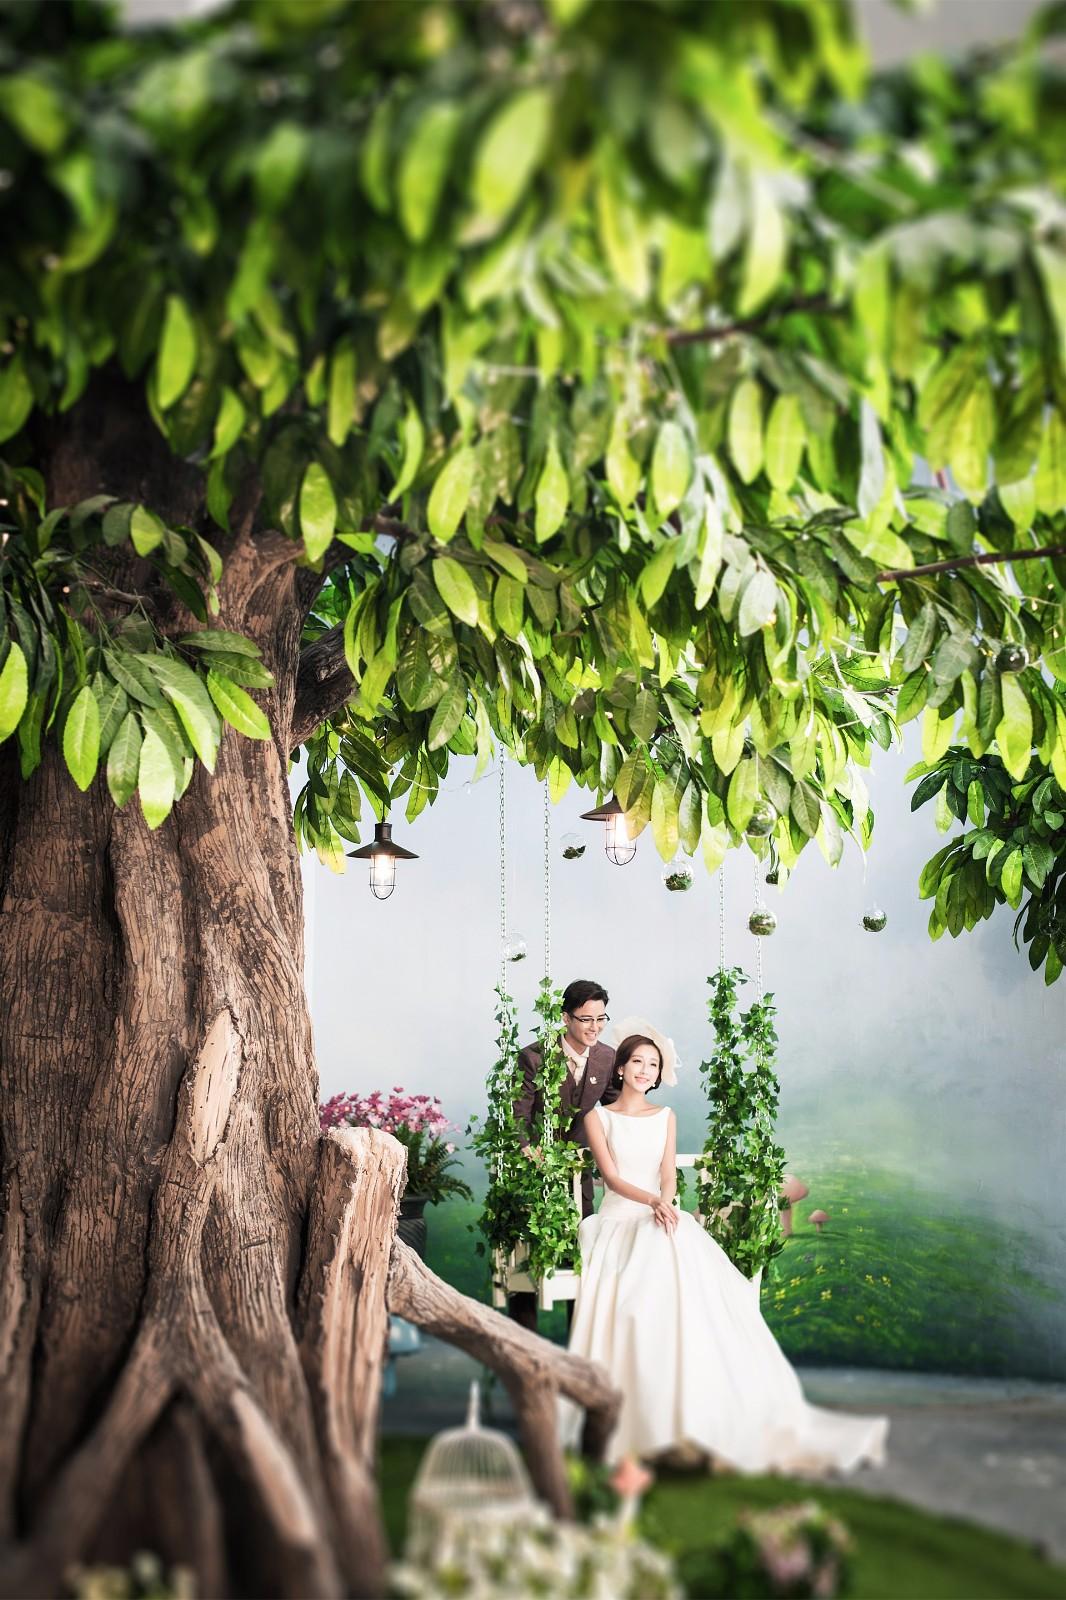 新娘鞋是一个婚礼所不能缺少的一部分